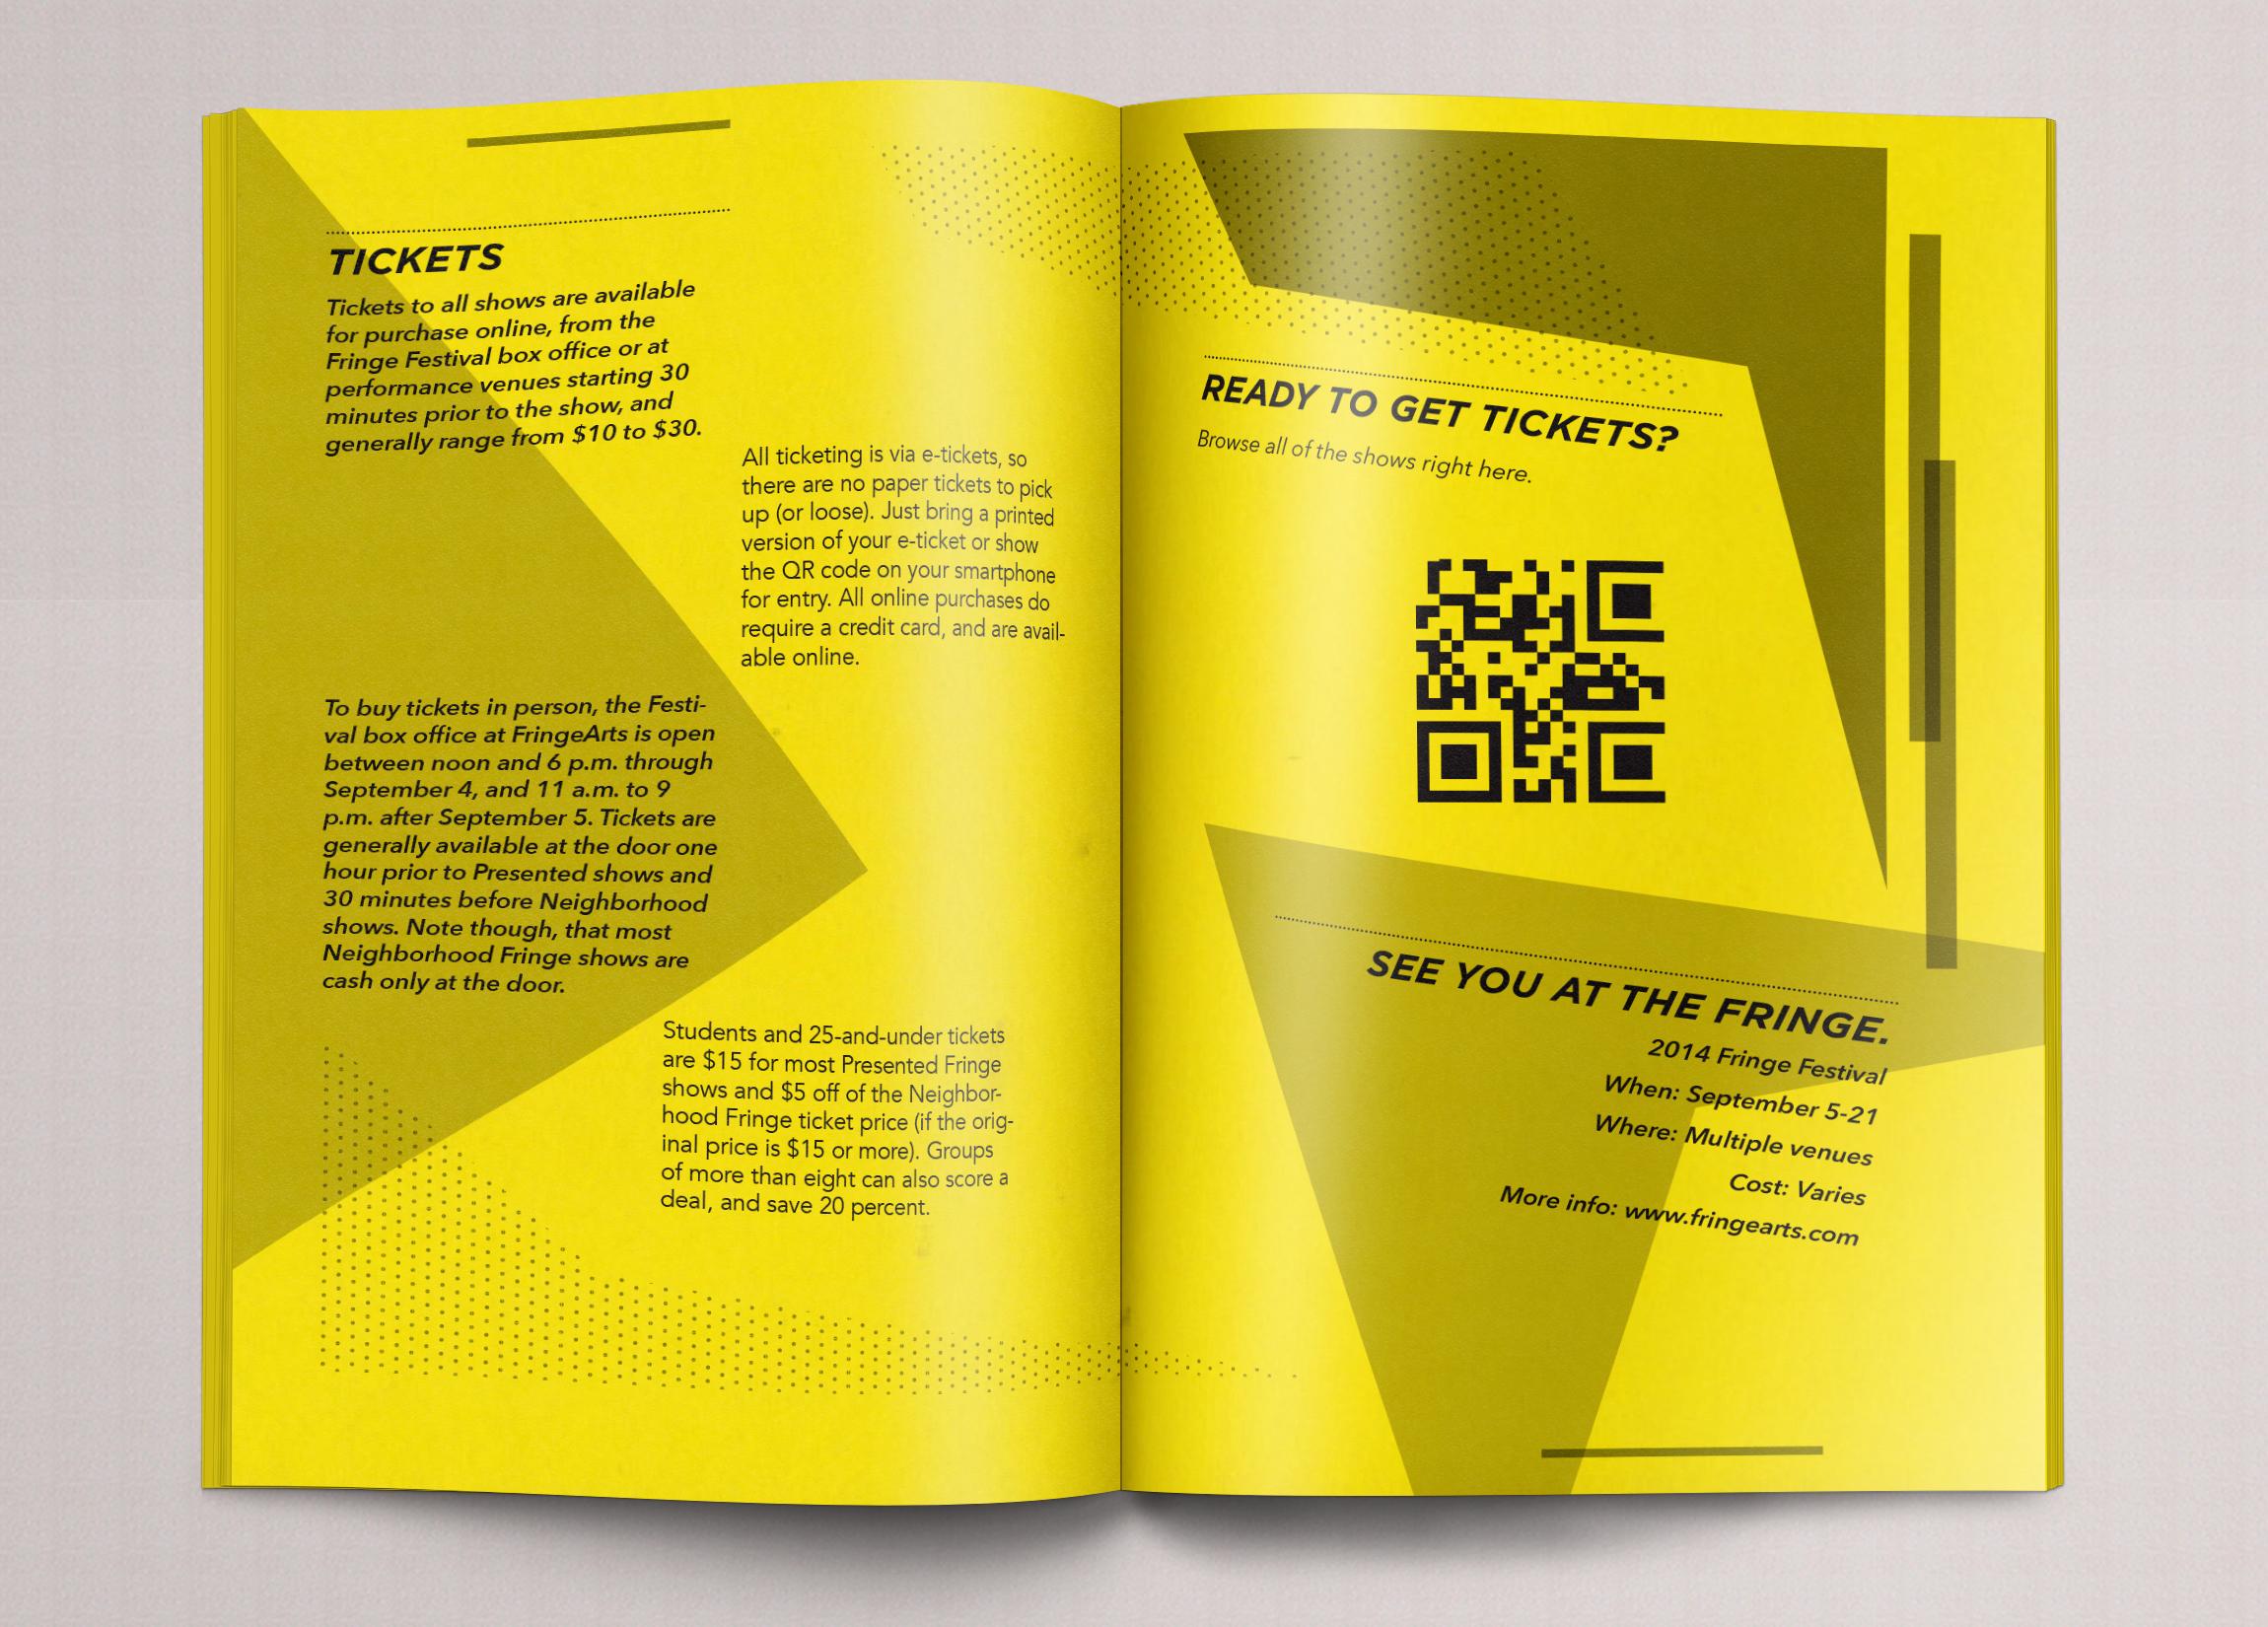 Philly Fringe_Photorealistic Magazine MockUp_spread9.jpg